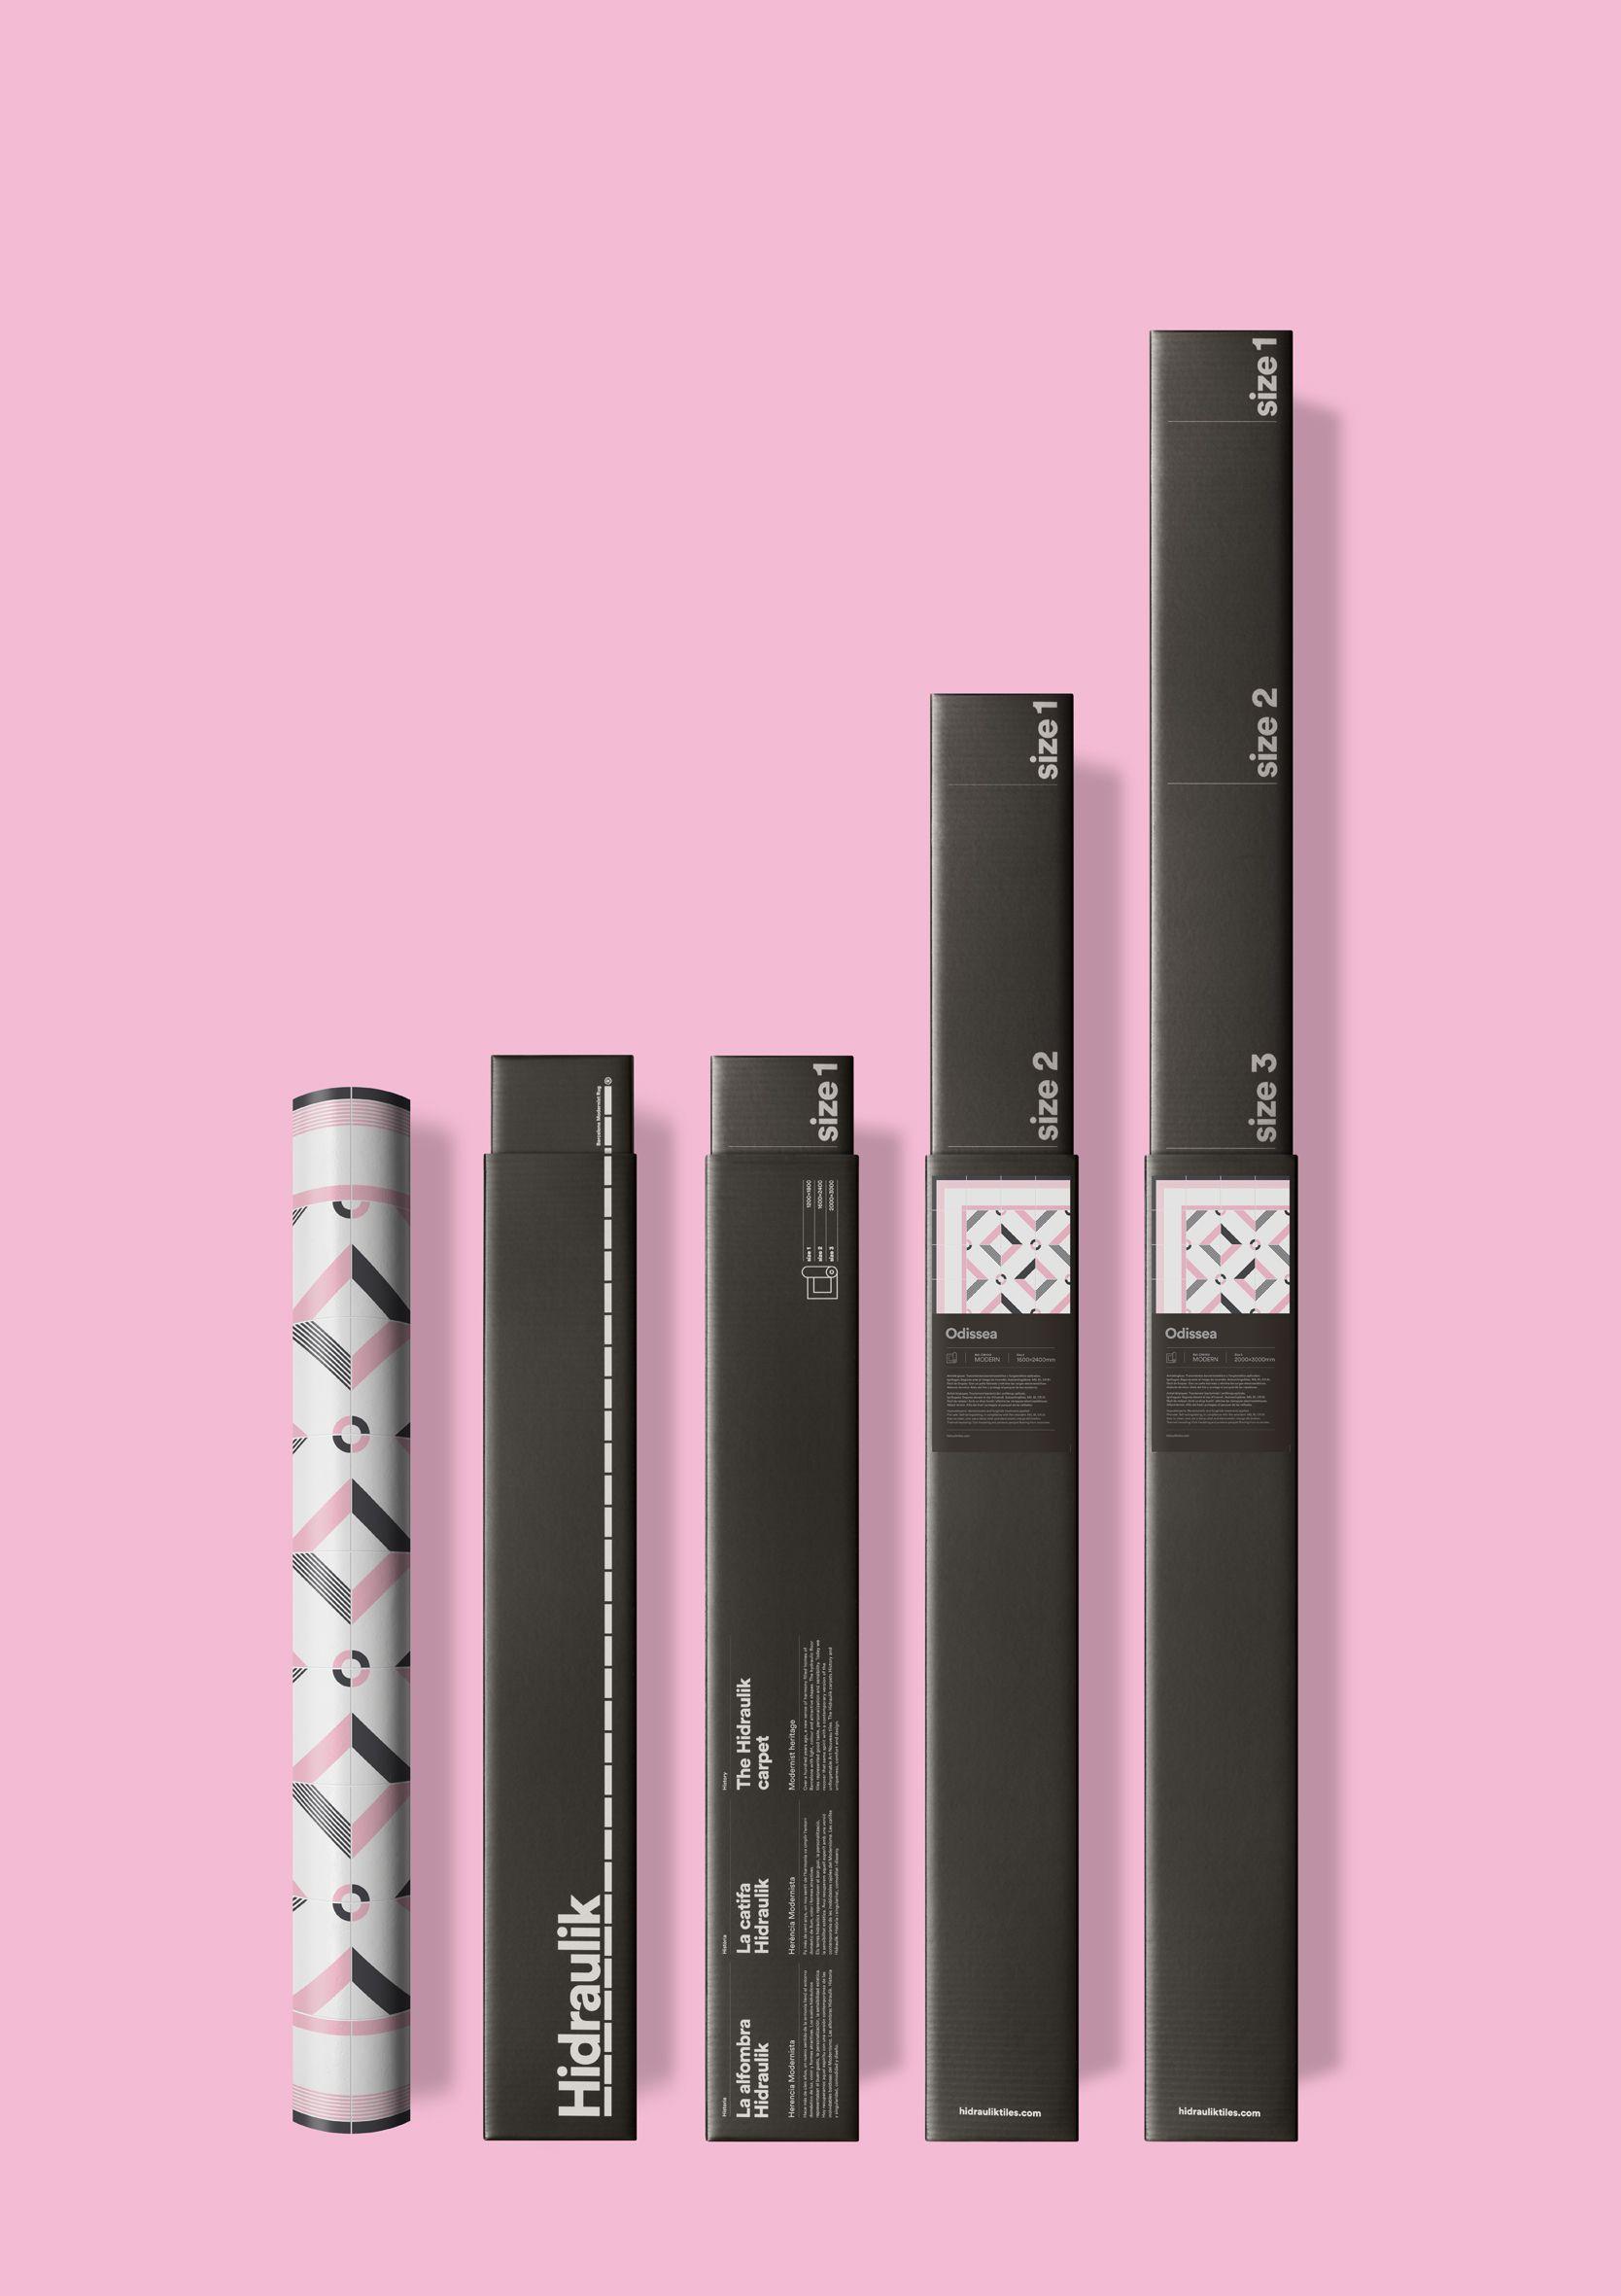 ¡¡Estrenamos nuevo tamaño para nuestras alfombras!! A partir de ahora, todos nuestros productos están disponibles en 4 tamaños predeterminados: 800x1200mm 1200x1800mm  1600x2400mm  2000x3000mm